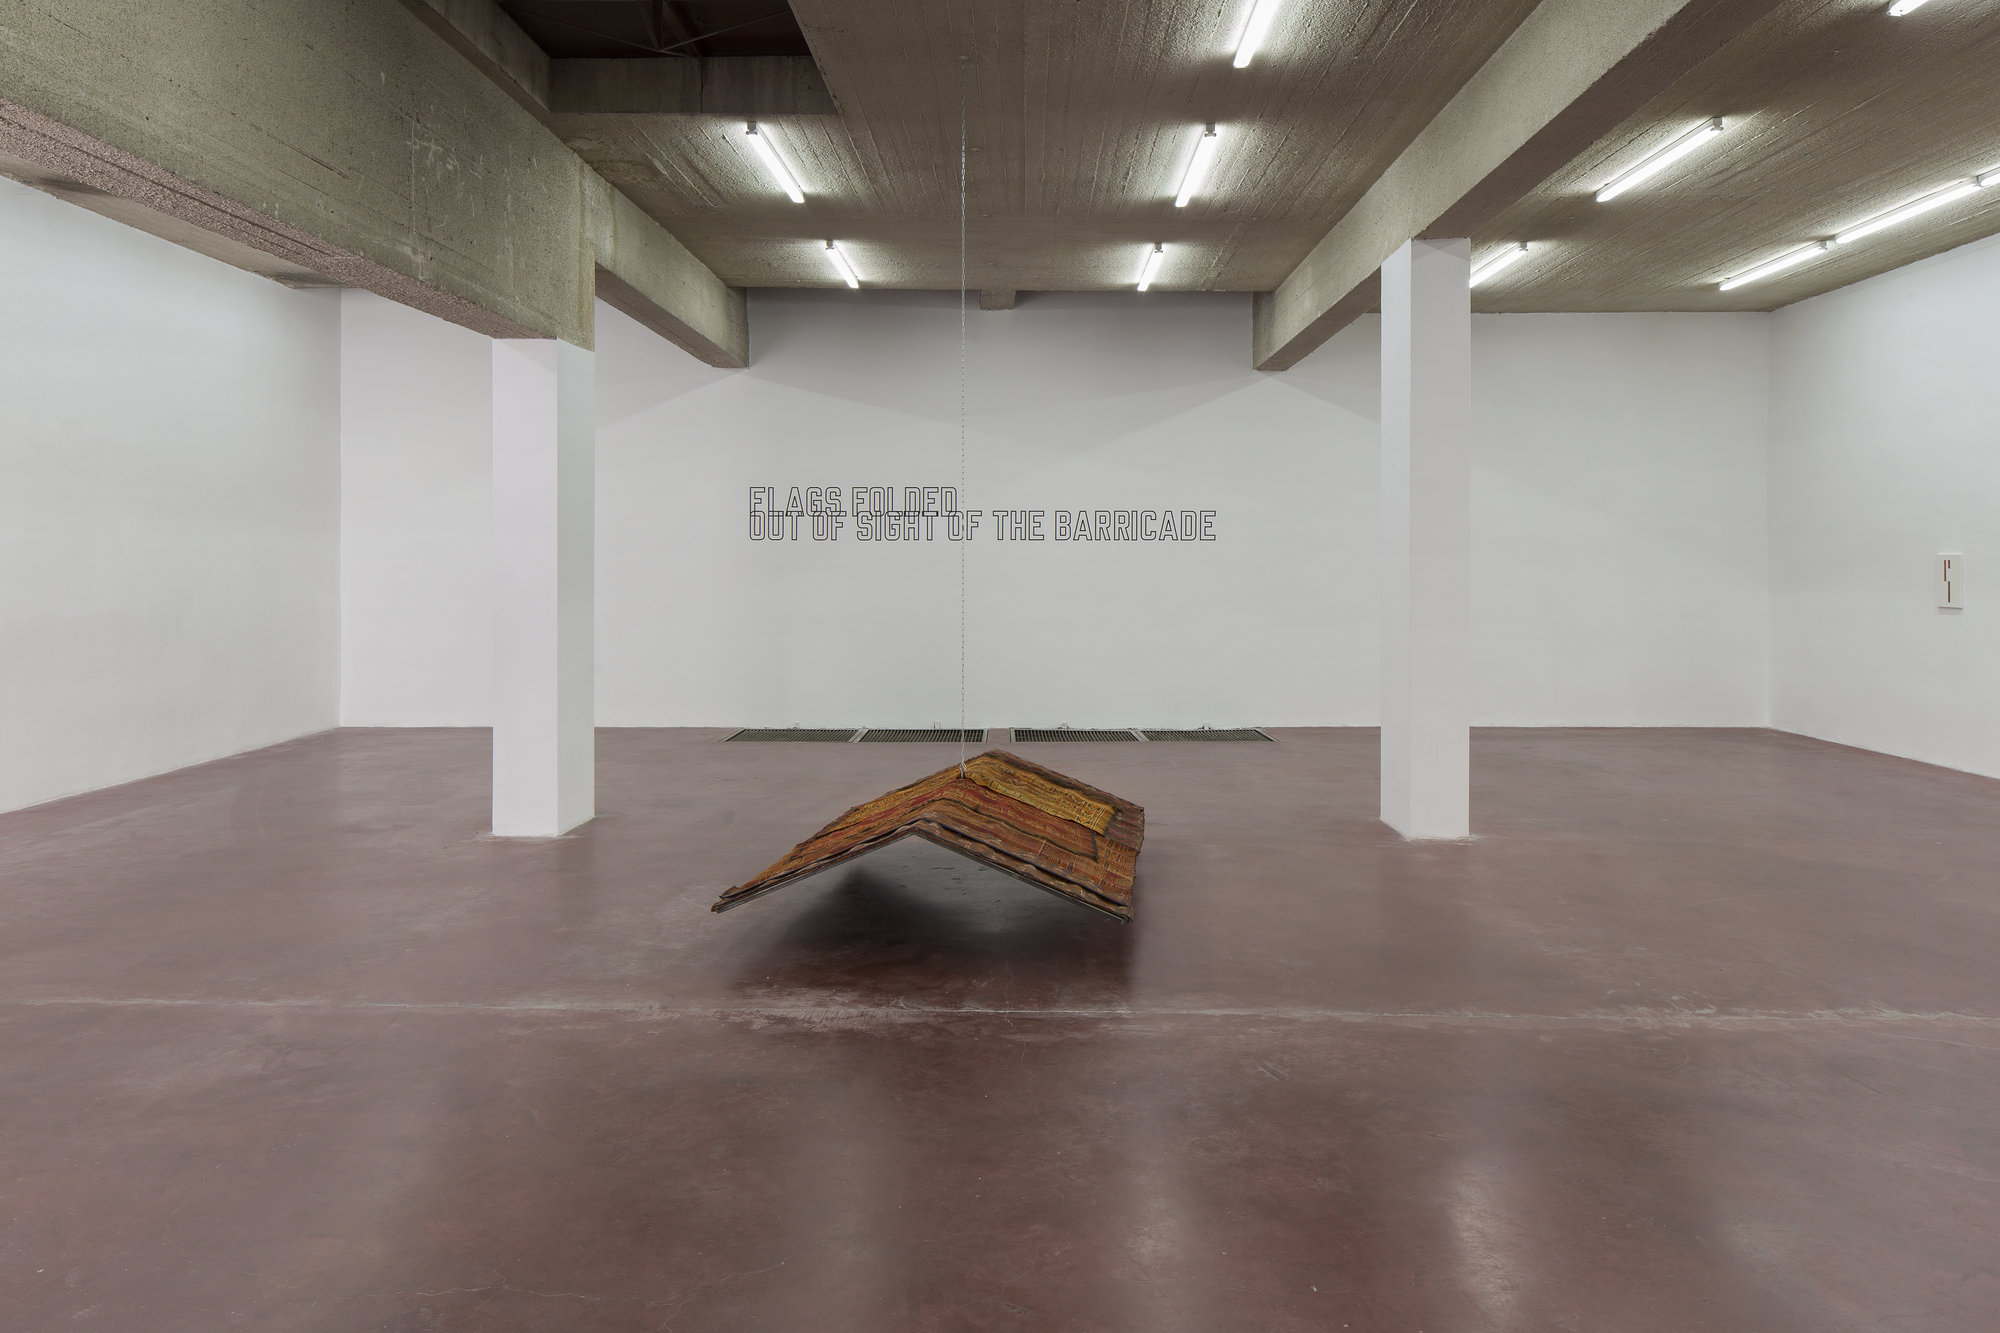 Shibboleth, 2015, Exhibition View, Floor -1 - 3